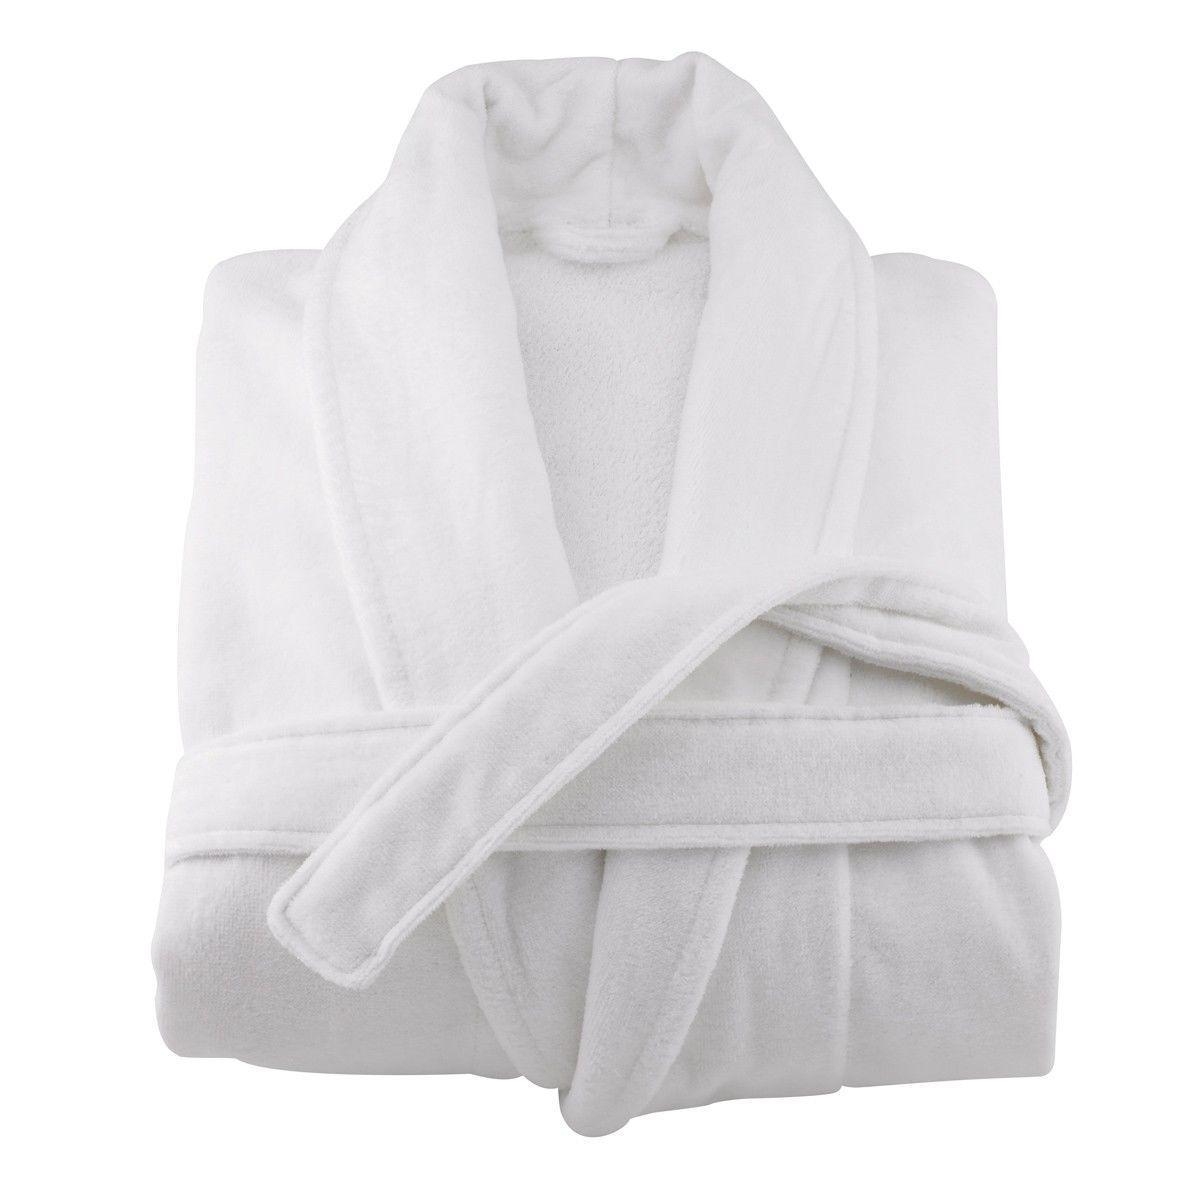 Махровый халат для отеля HOTEL SPA S-M (44-46) Турция